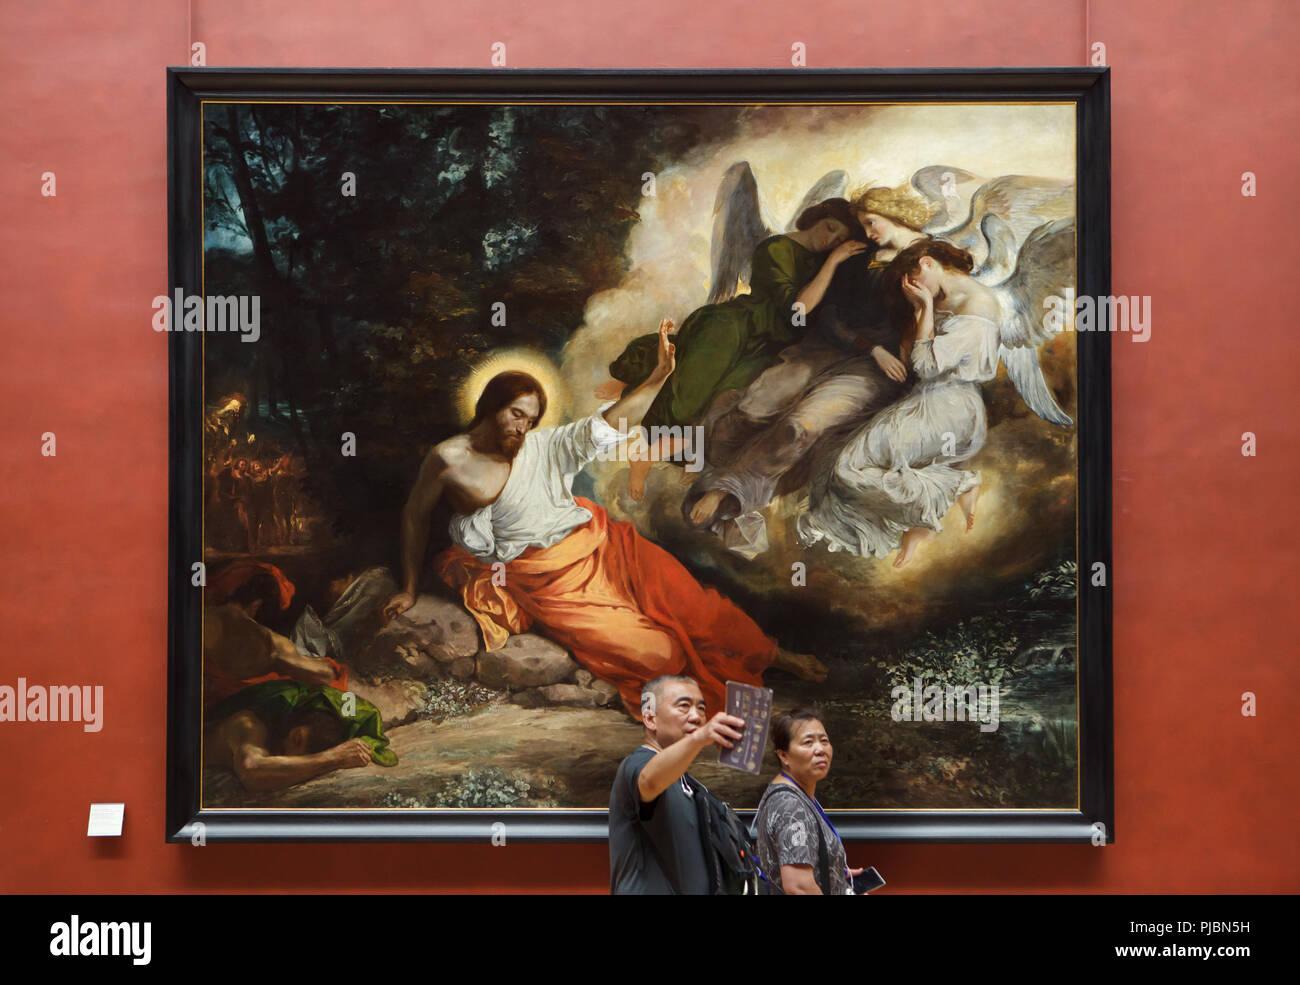 """Besucher vor dem Gemälde """"Christus am Ölberg"""" durch die Französische romantische Maler Eugène Delacroix (1824) bei seiner Retrospektive im Musée du Louvre in Paris, Frankreich angezeigt. Die Ausstellung, die Meisterwerke der Führer der französischen Romantik läuft bis 23. Juli 2018. Stockbild"""